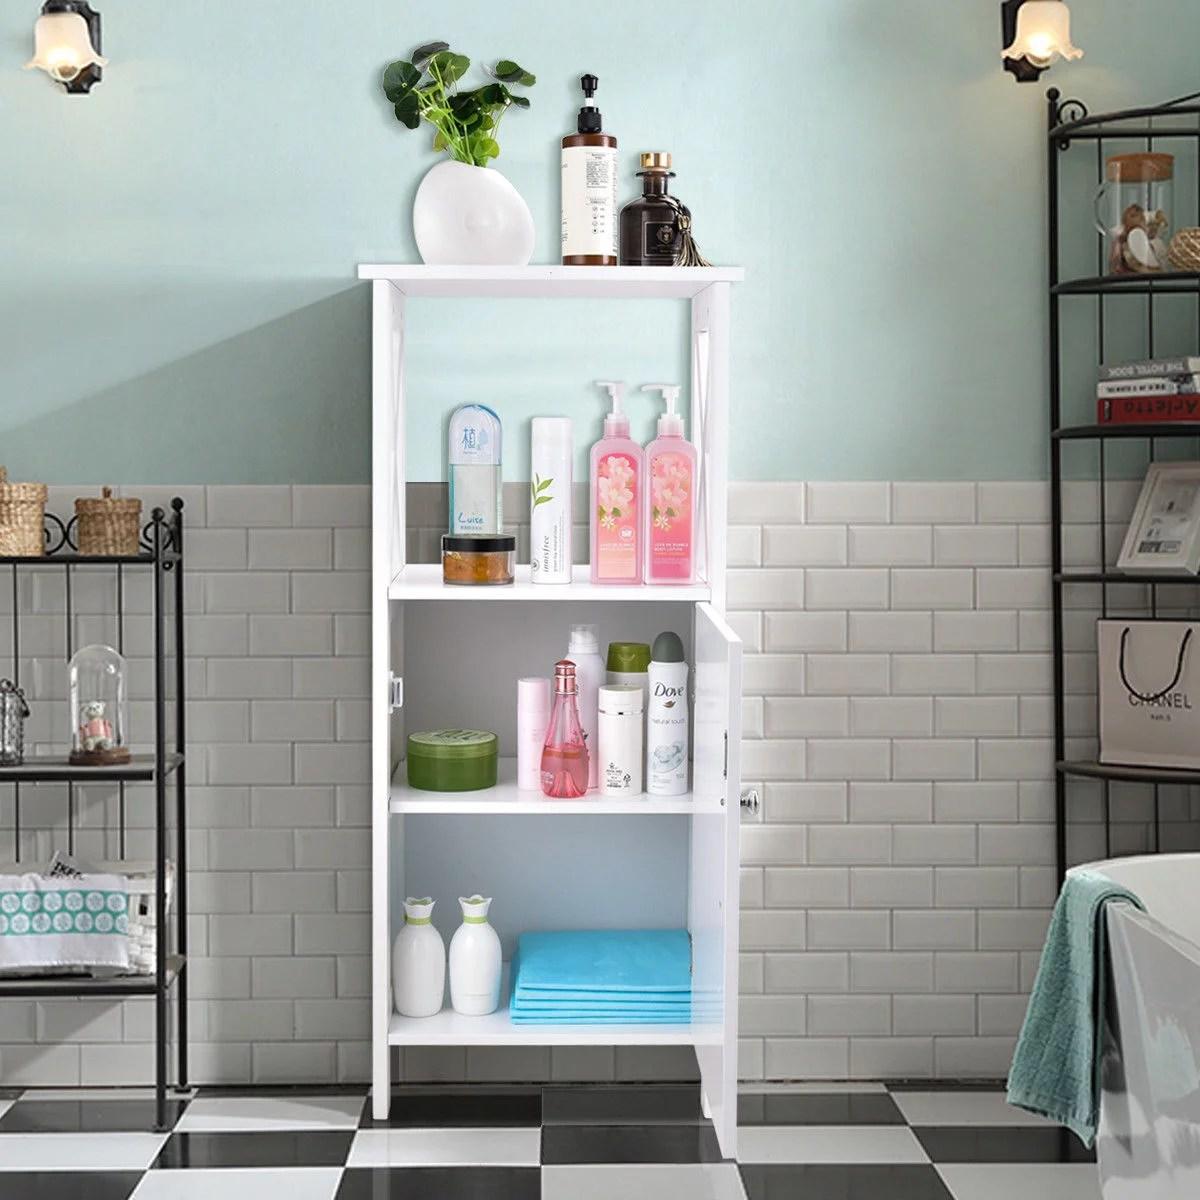 costway meuble colonne meuble wc etagere bois haute armoire salle de bain sur pied blanc cisele avec 1 porte 40 x 30 x 92 cm